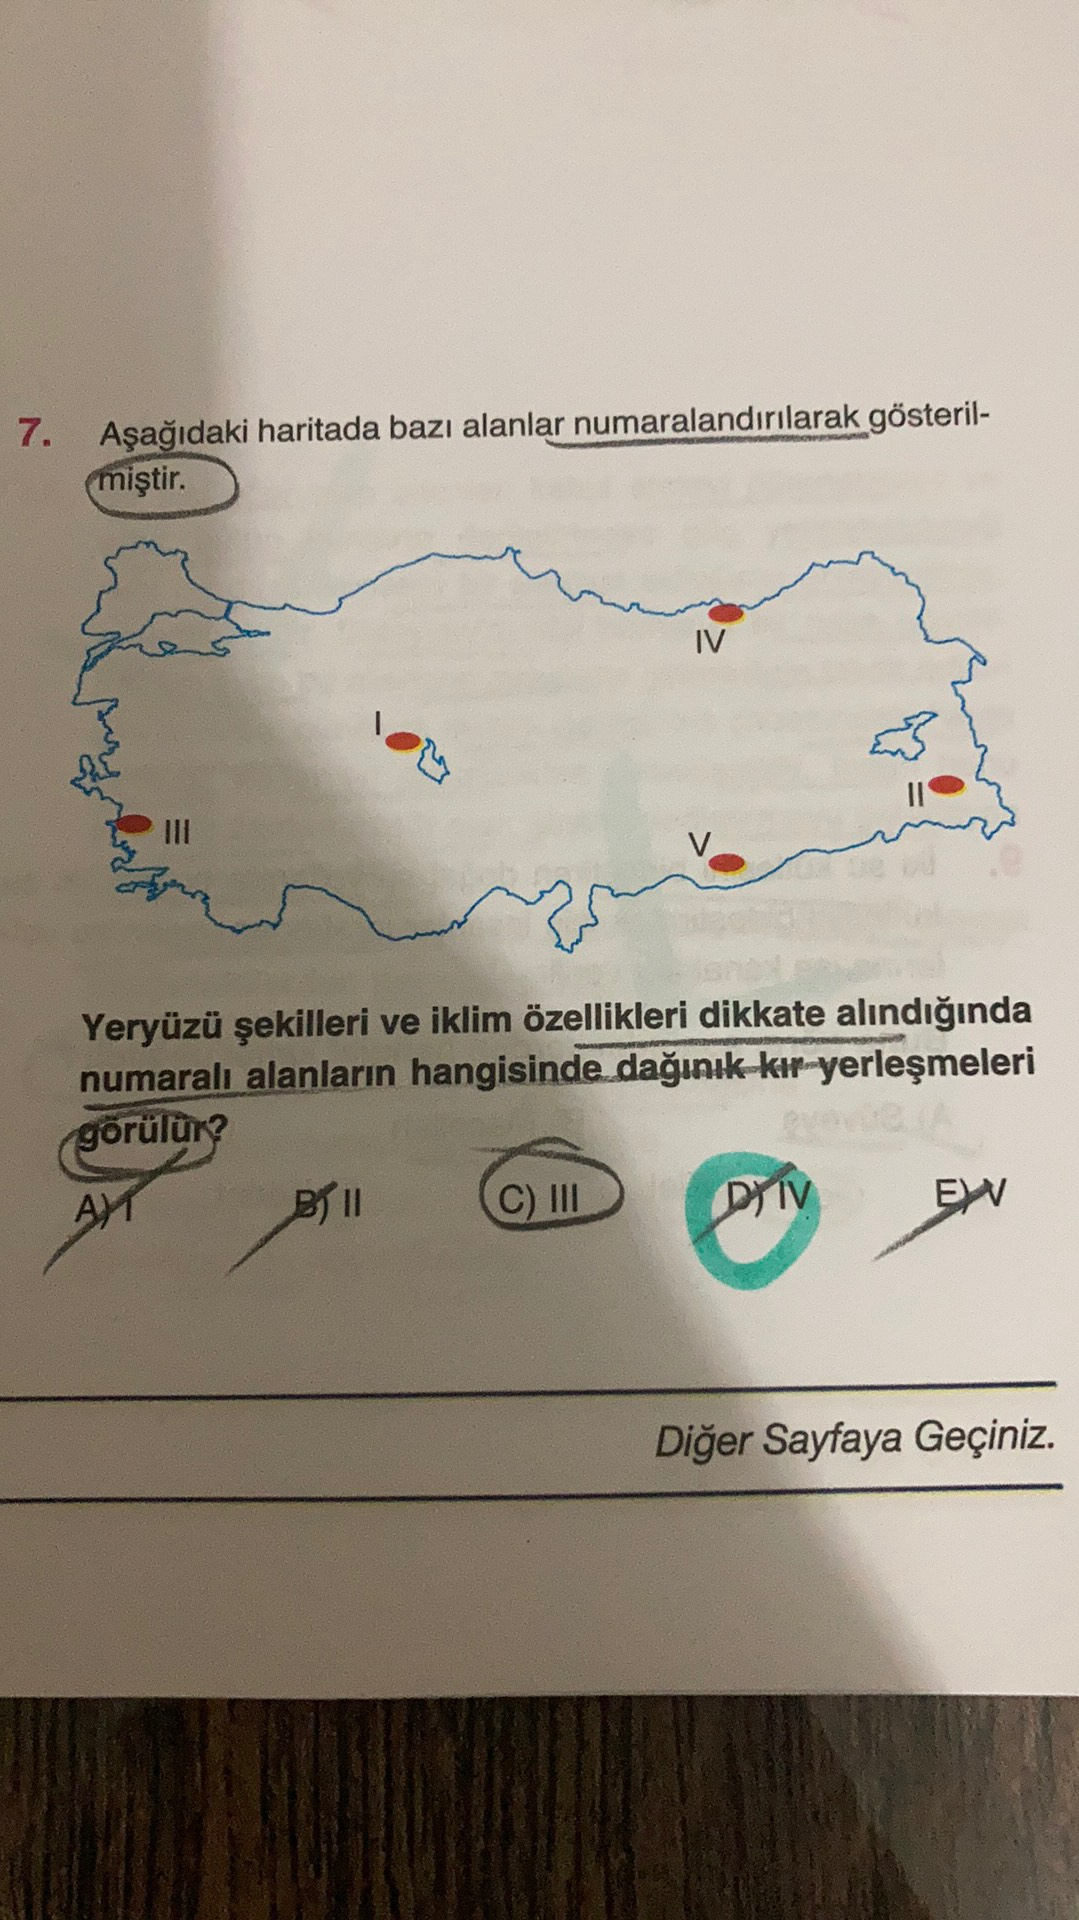 7. Aşağıdaki haritada bazı alanlar numaralandırılarak gösteril- (miştir. IV Yeryüzü şekilleri ve iklim özellikleri dikkate alındığında numaralı alanların hangisinde dağınık kır yerleşmeleri görülür? AY B11 C) III DY IV EW Diğer Sayfaya Geçiniz.